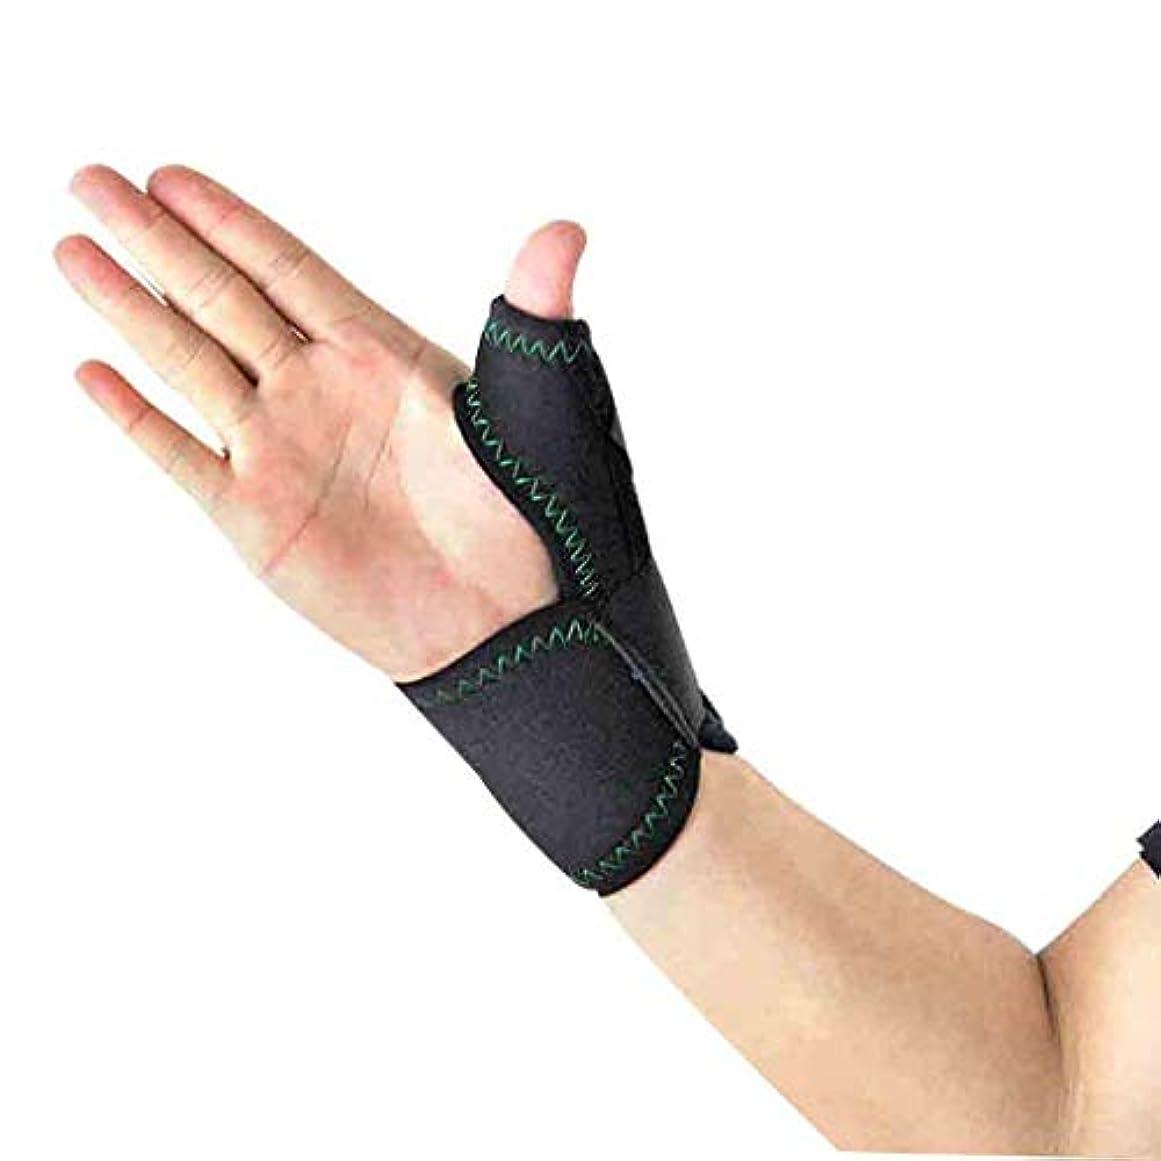 群衆勝利したヨーロッパThumbブレースは、手首のストラップでトリガーThumbガードのThumbのスプリントをラップします。ブレースThumbのスプリント、Thumbの関節炎の痛みを軽減するブレース(1個、ユニセックス、左&右手、M) Roscloud@